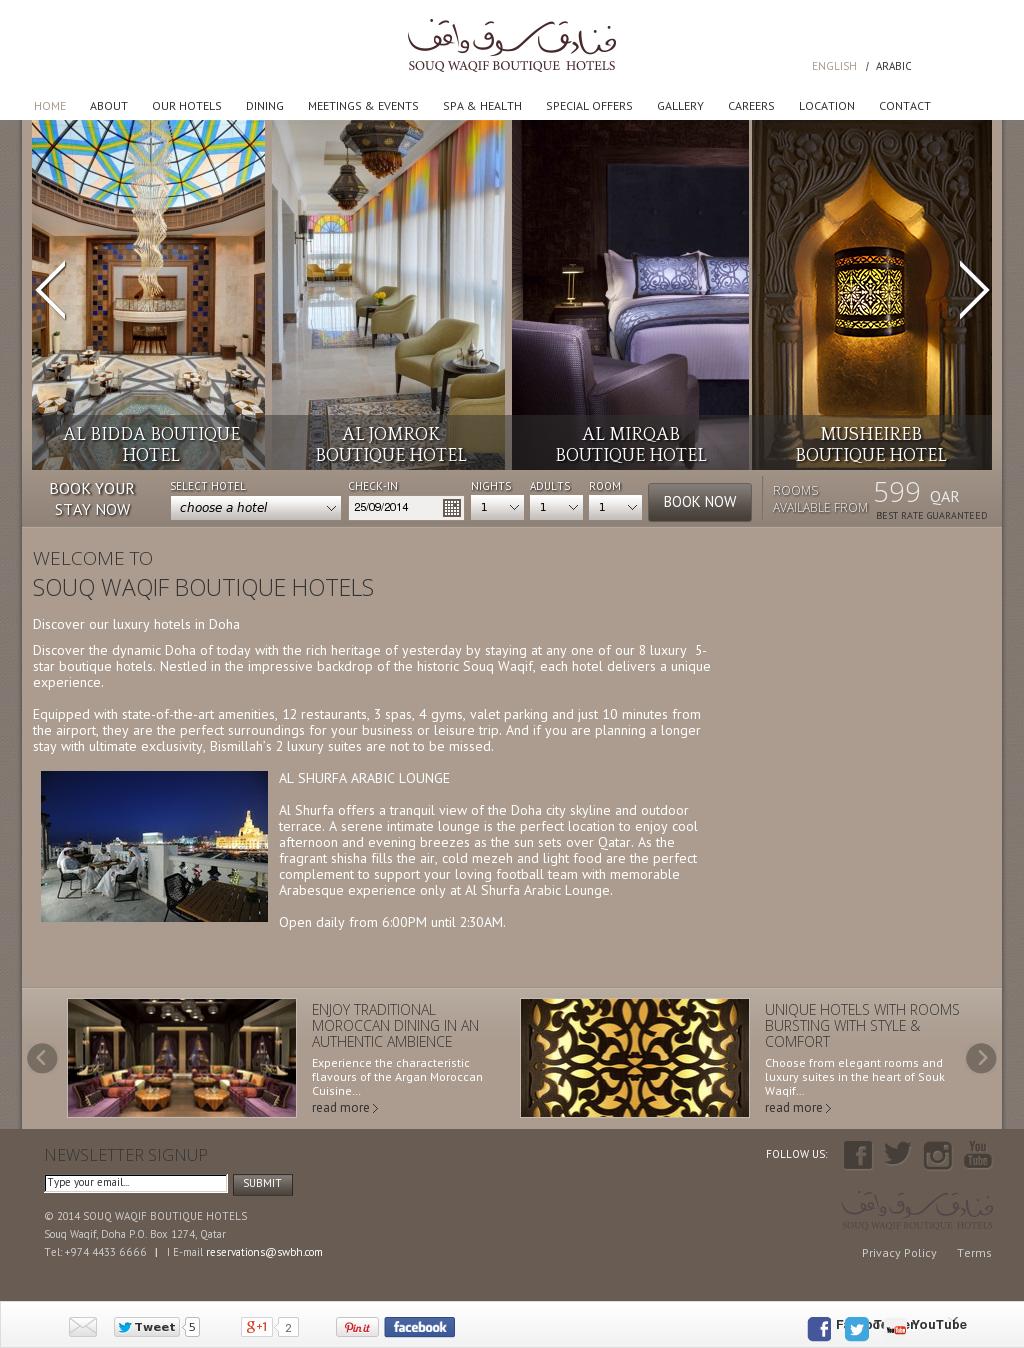 Souq Waqif Boutique Hotels Competitors, Revenue and